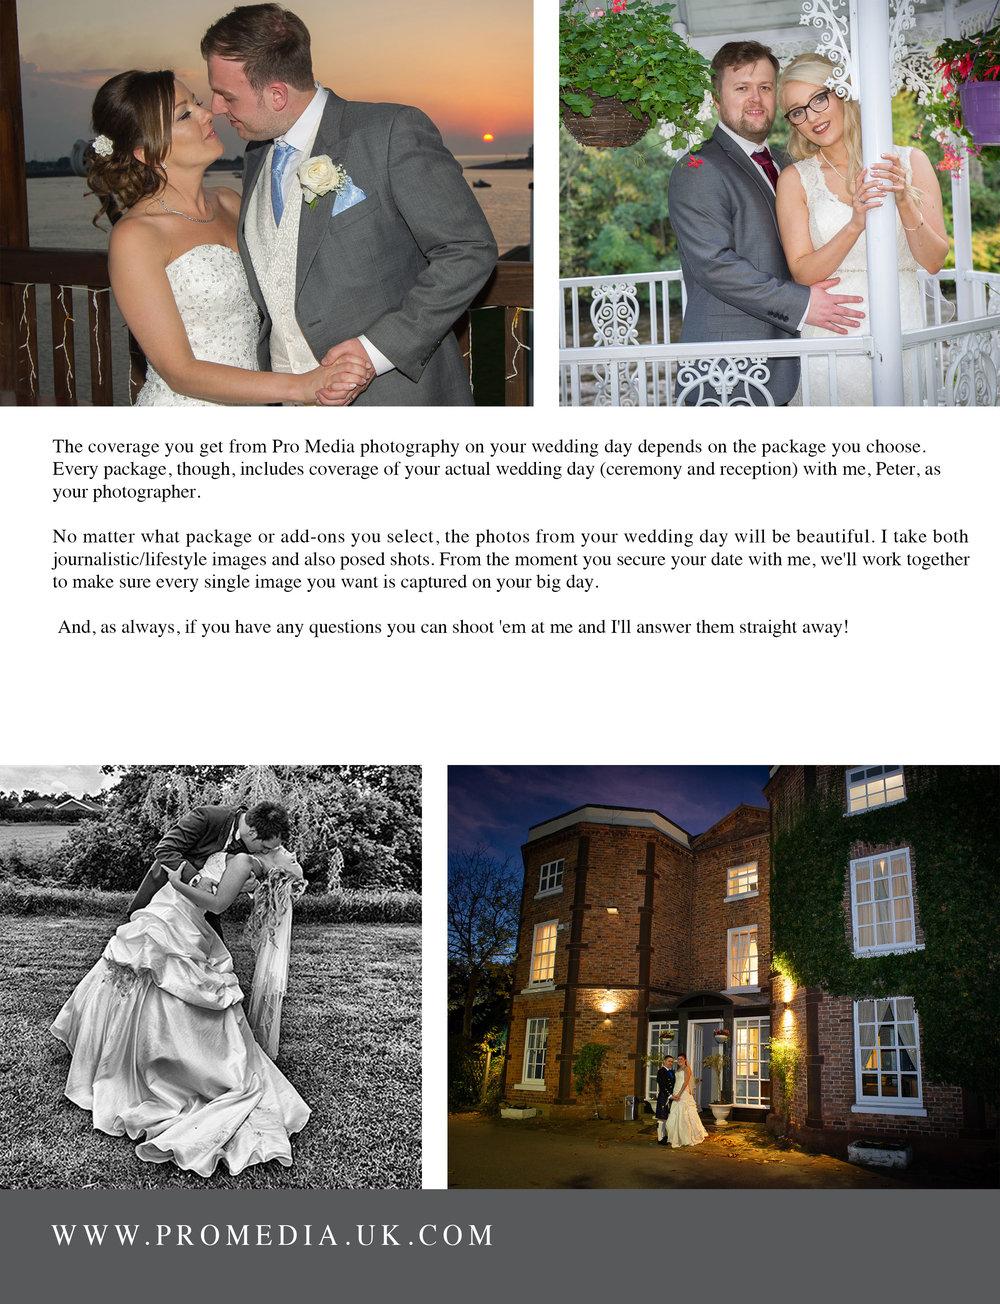 3 - BP4U - Wedding Client Guide - PG 3.jpg